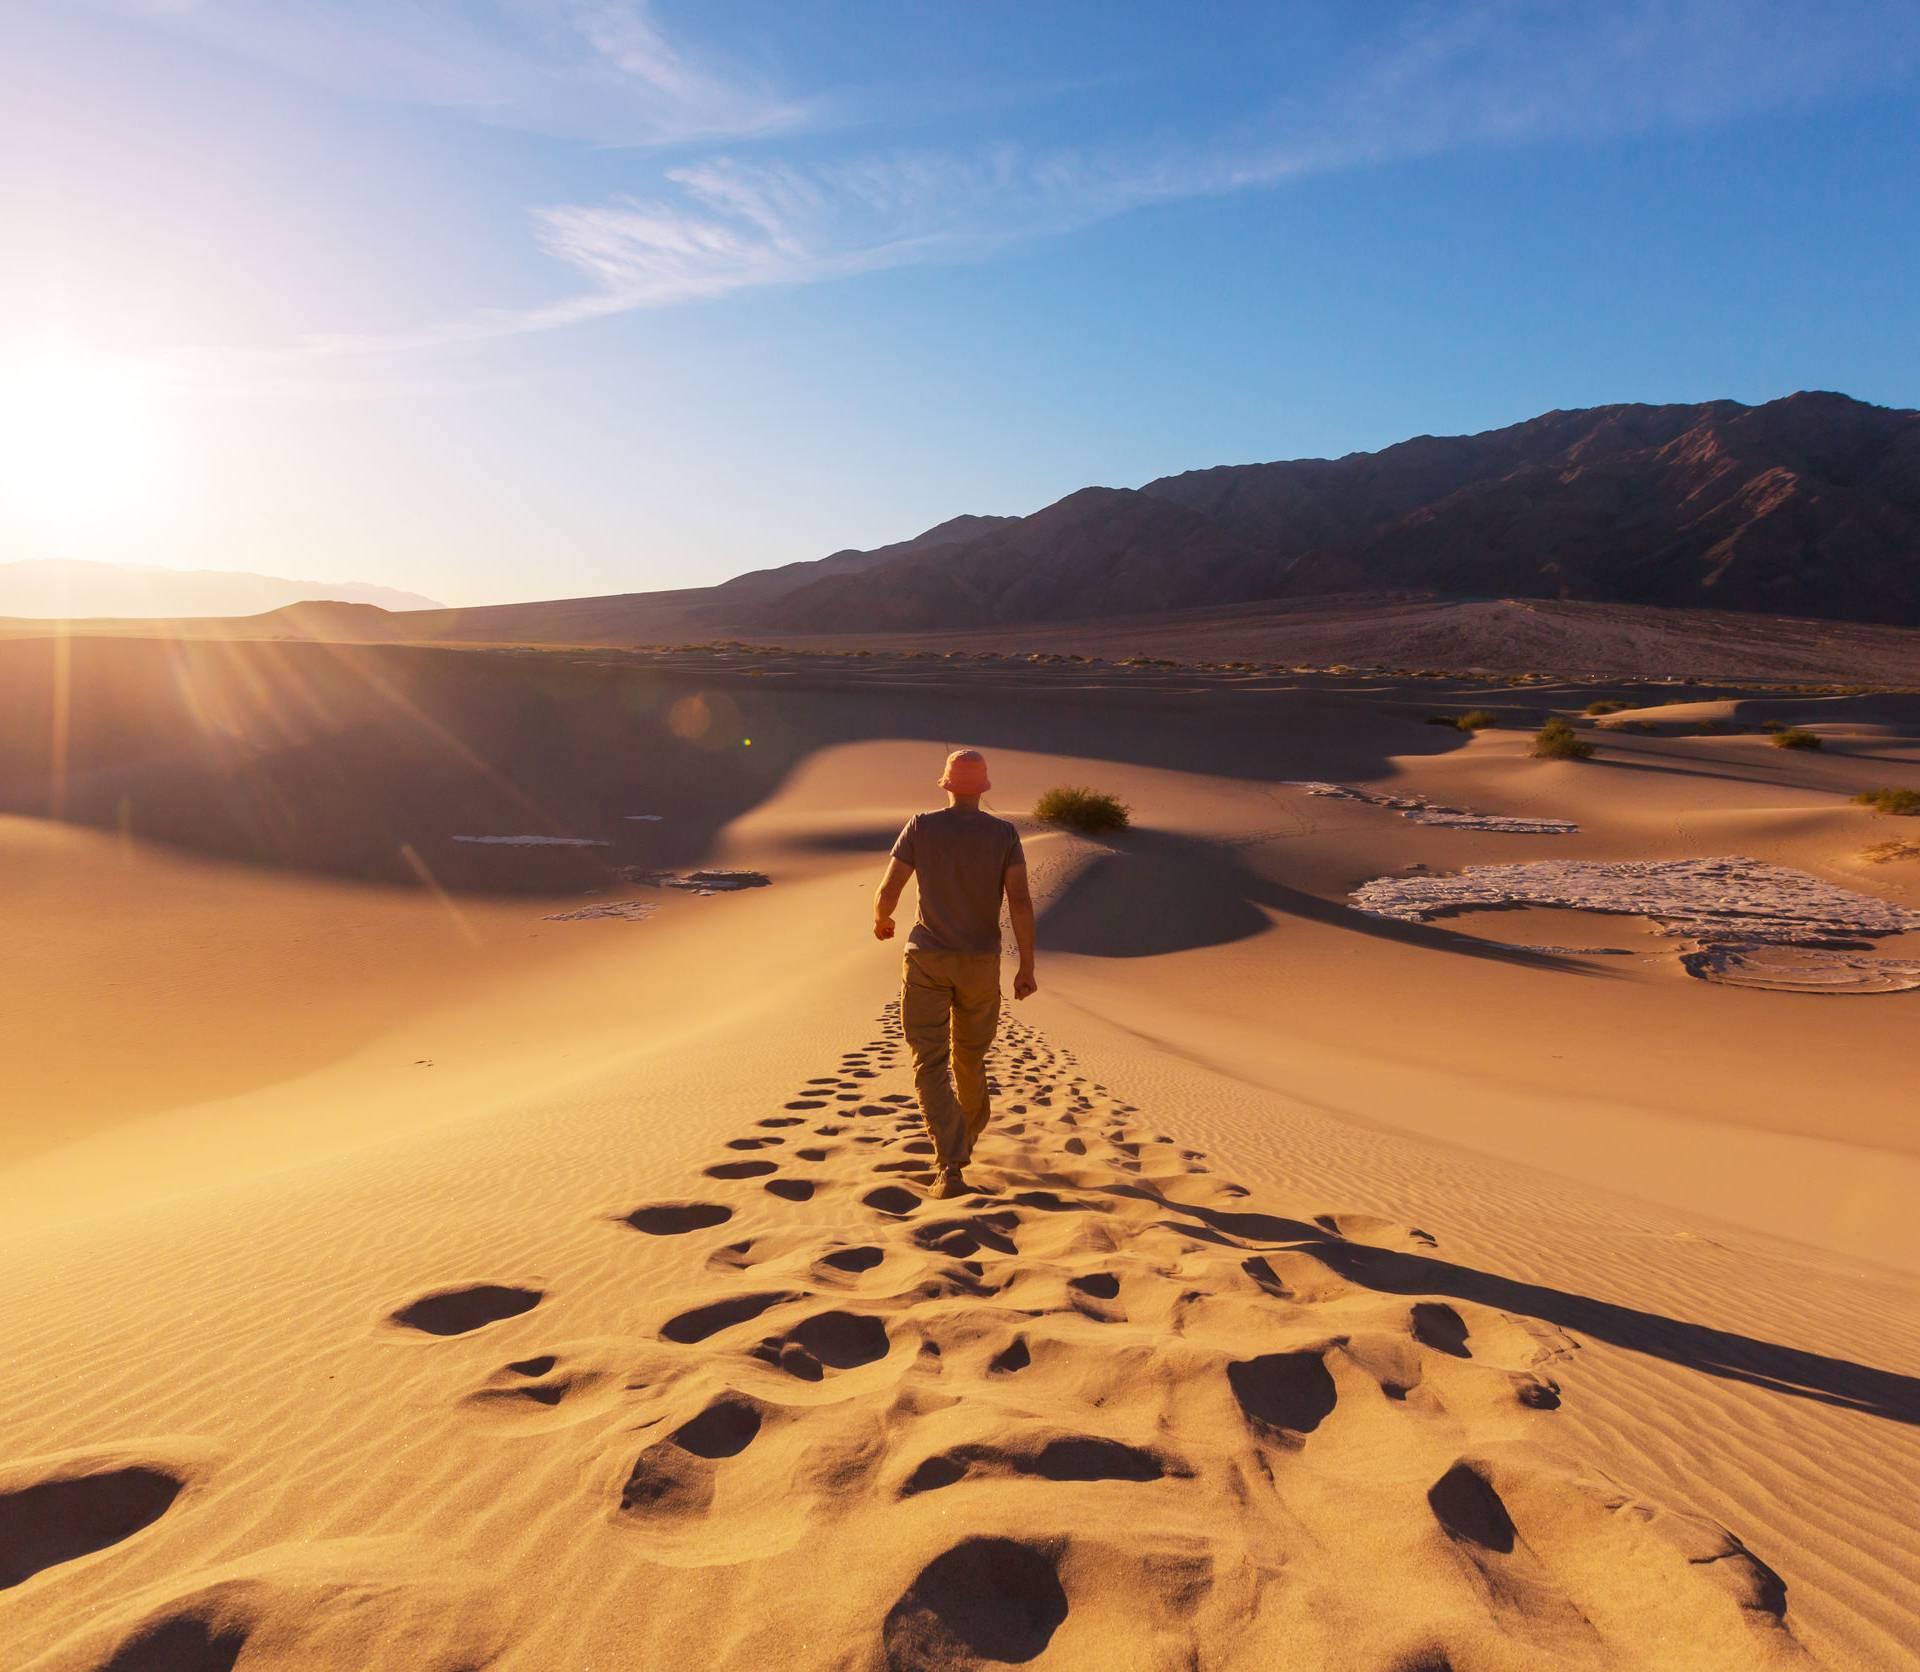 Kocka u pustinji: Riješite test i otkrijte svoje životne težnje